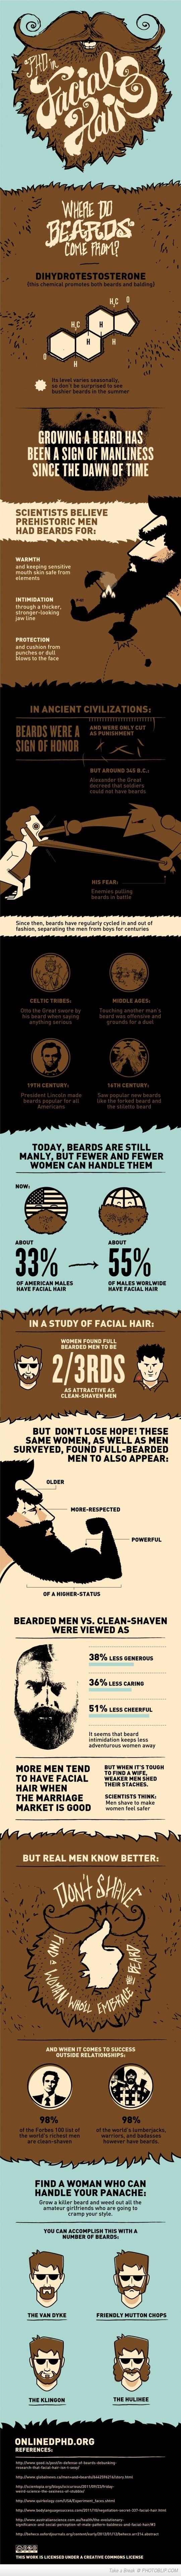 Phd In Facial Hair